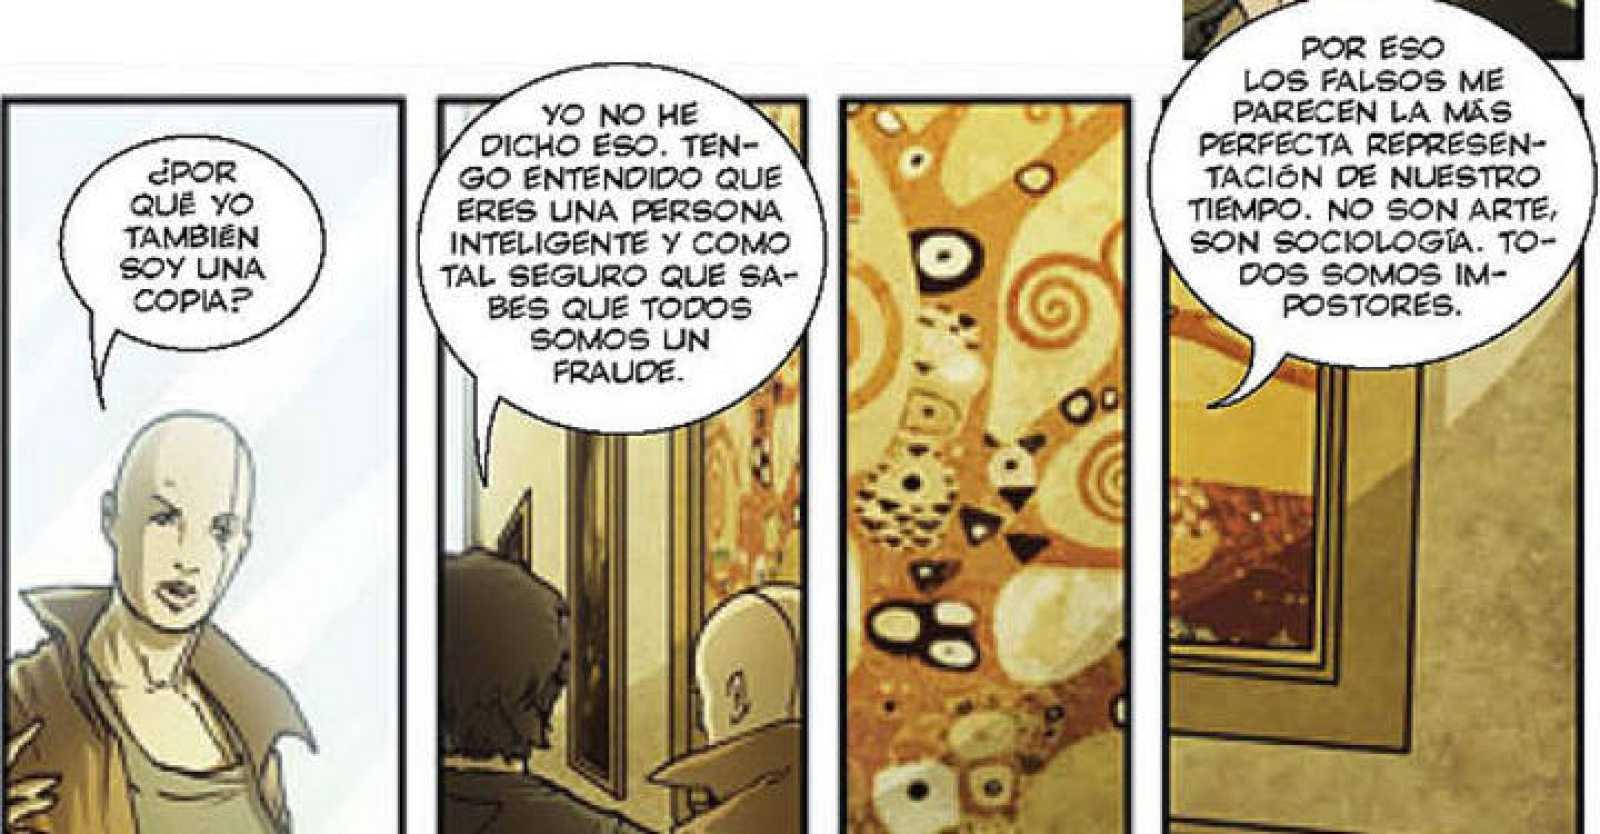 Viñetas del cómic 'Lágrimas en la lluvia', de Rosa Montero, Damián Campanario y Alessandro Valdrighi